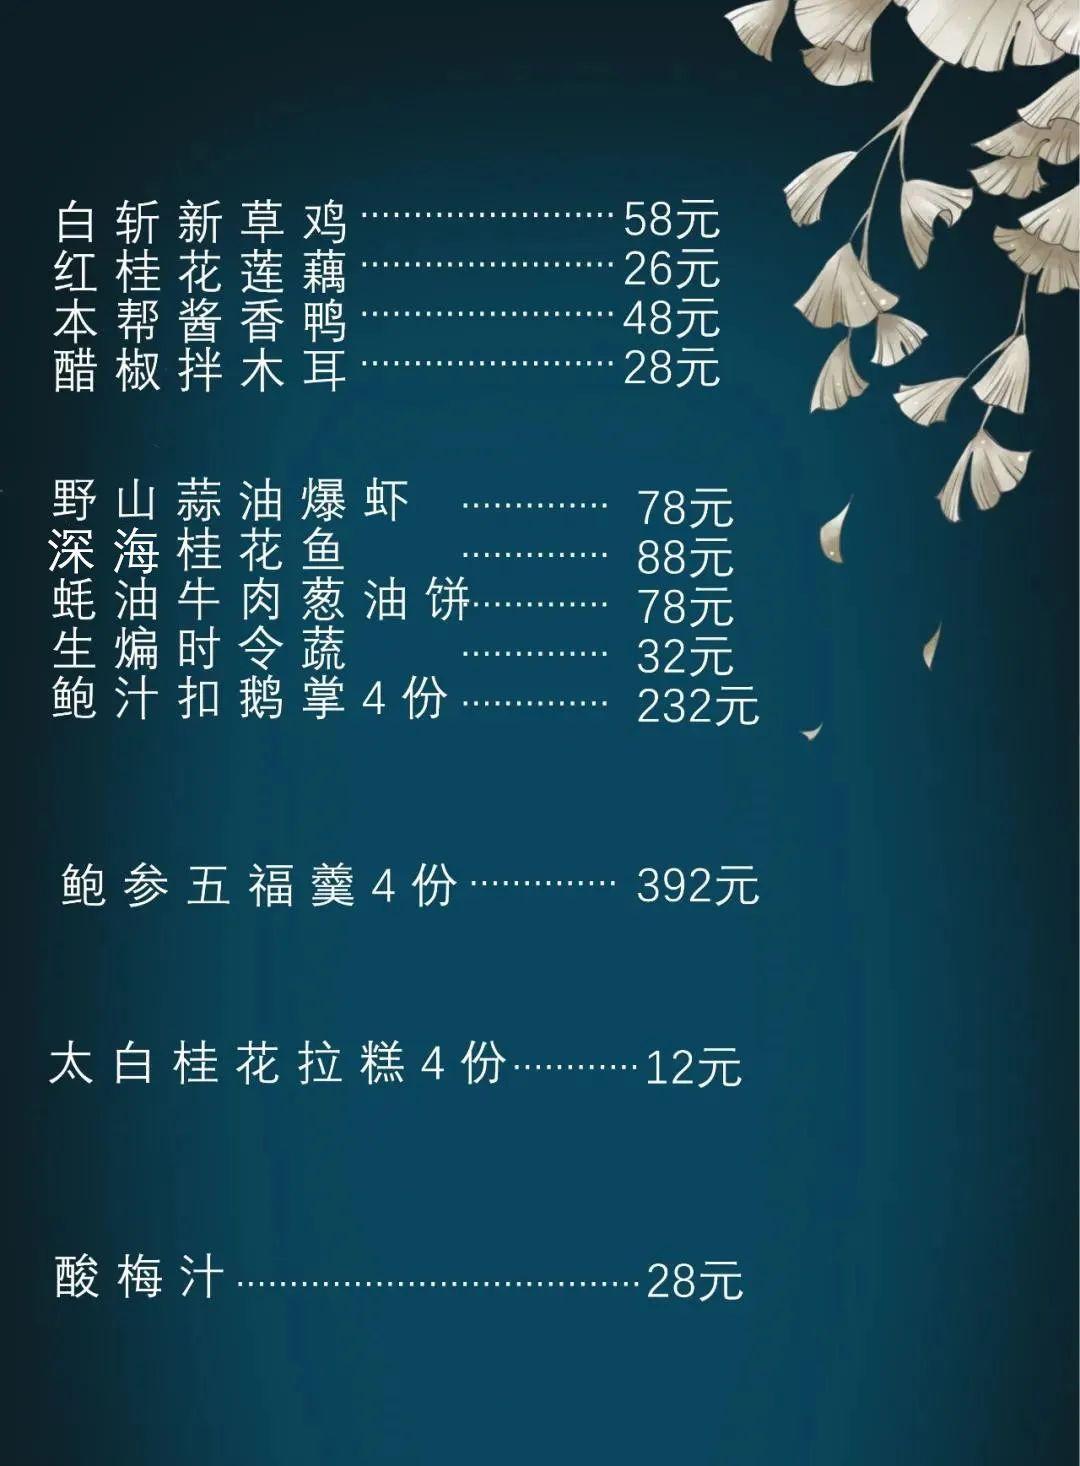 98元享【石库门融荟宴】套餐:白斩新草鸡+红桂花莲藕+本帮酱香鸭+醋椒拌木耳+热菜:野山蒜油爆虾